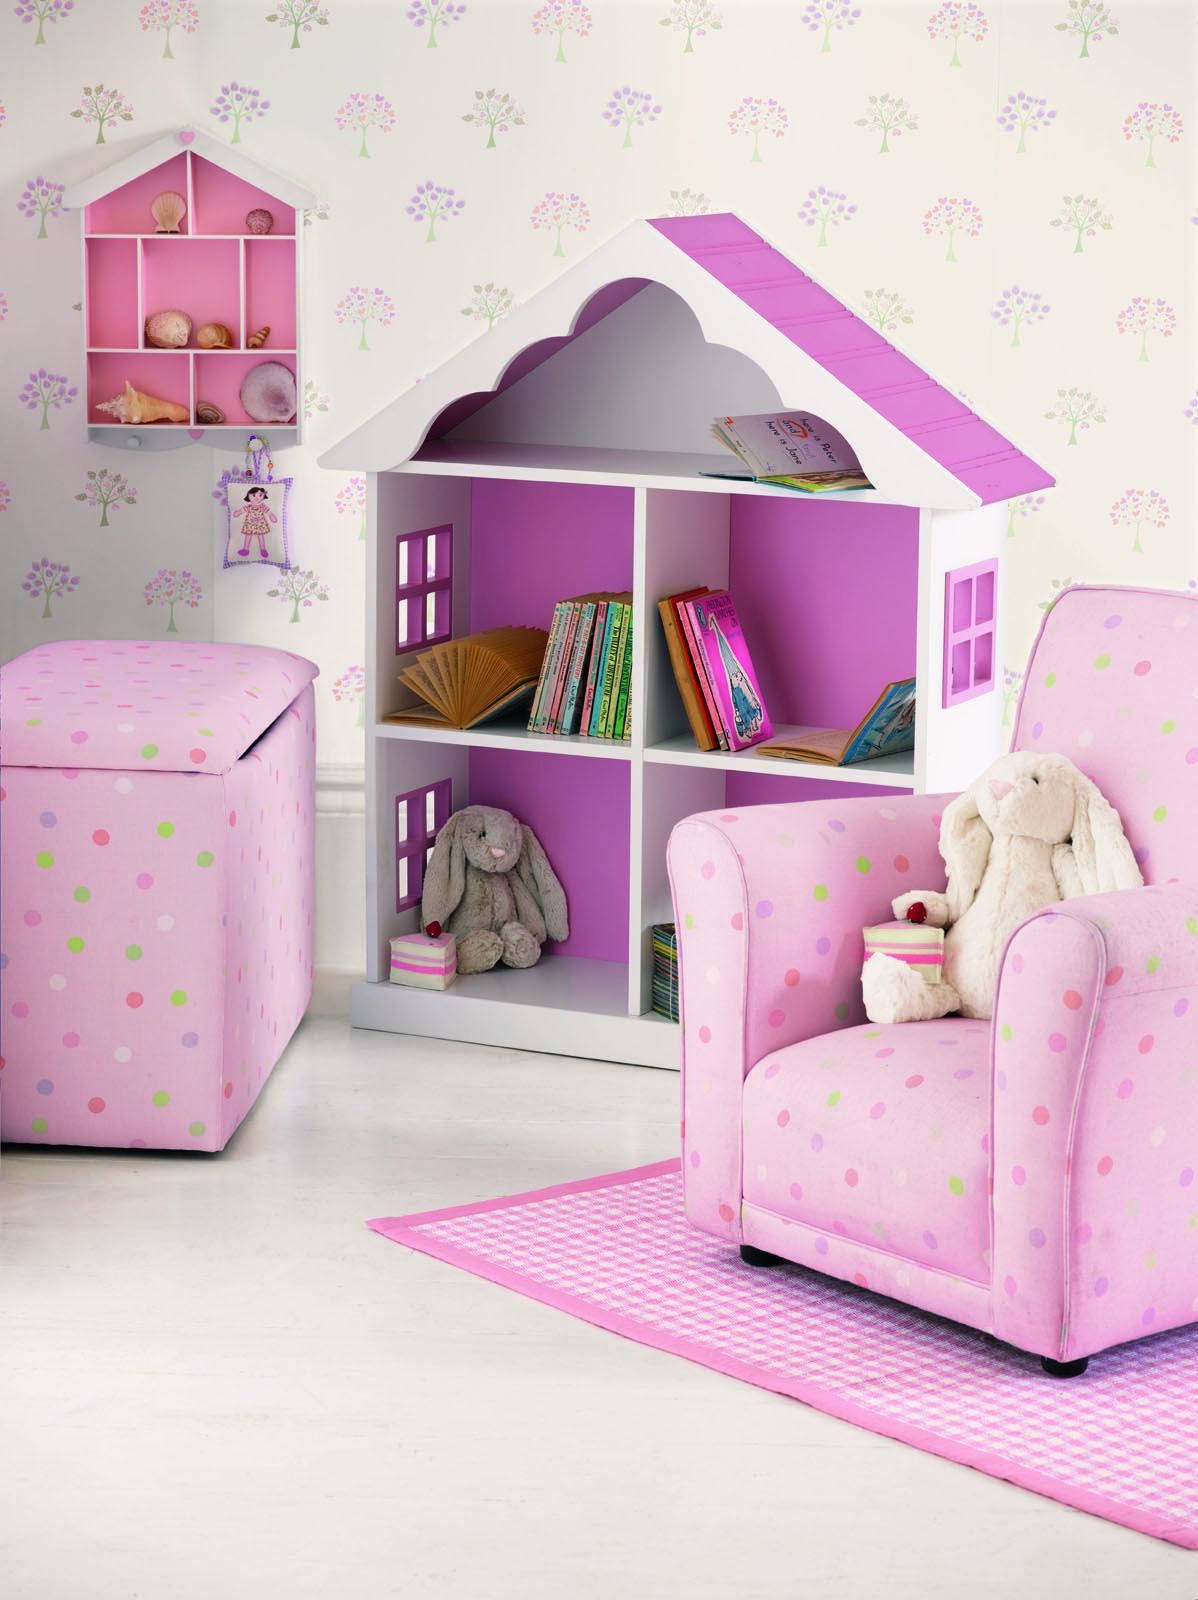 Mollie Spot Fabric Pink/Multi Laura Ashley USA polkadot